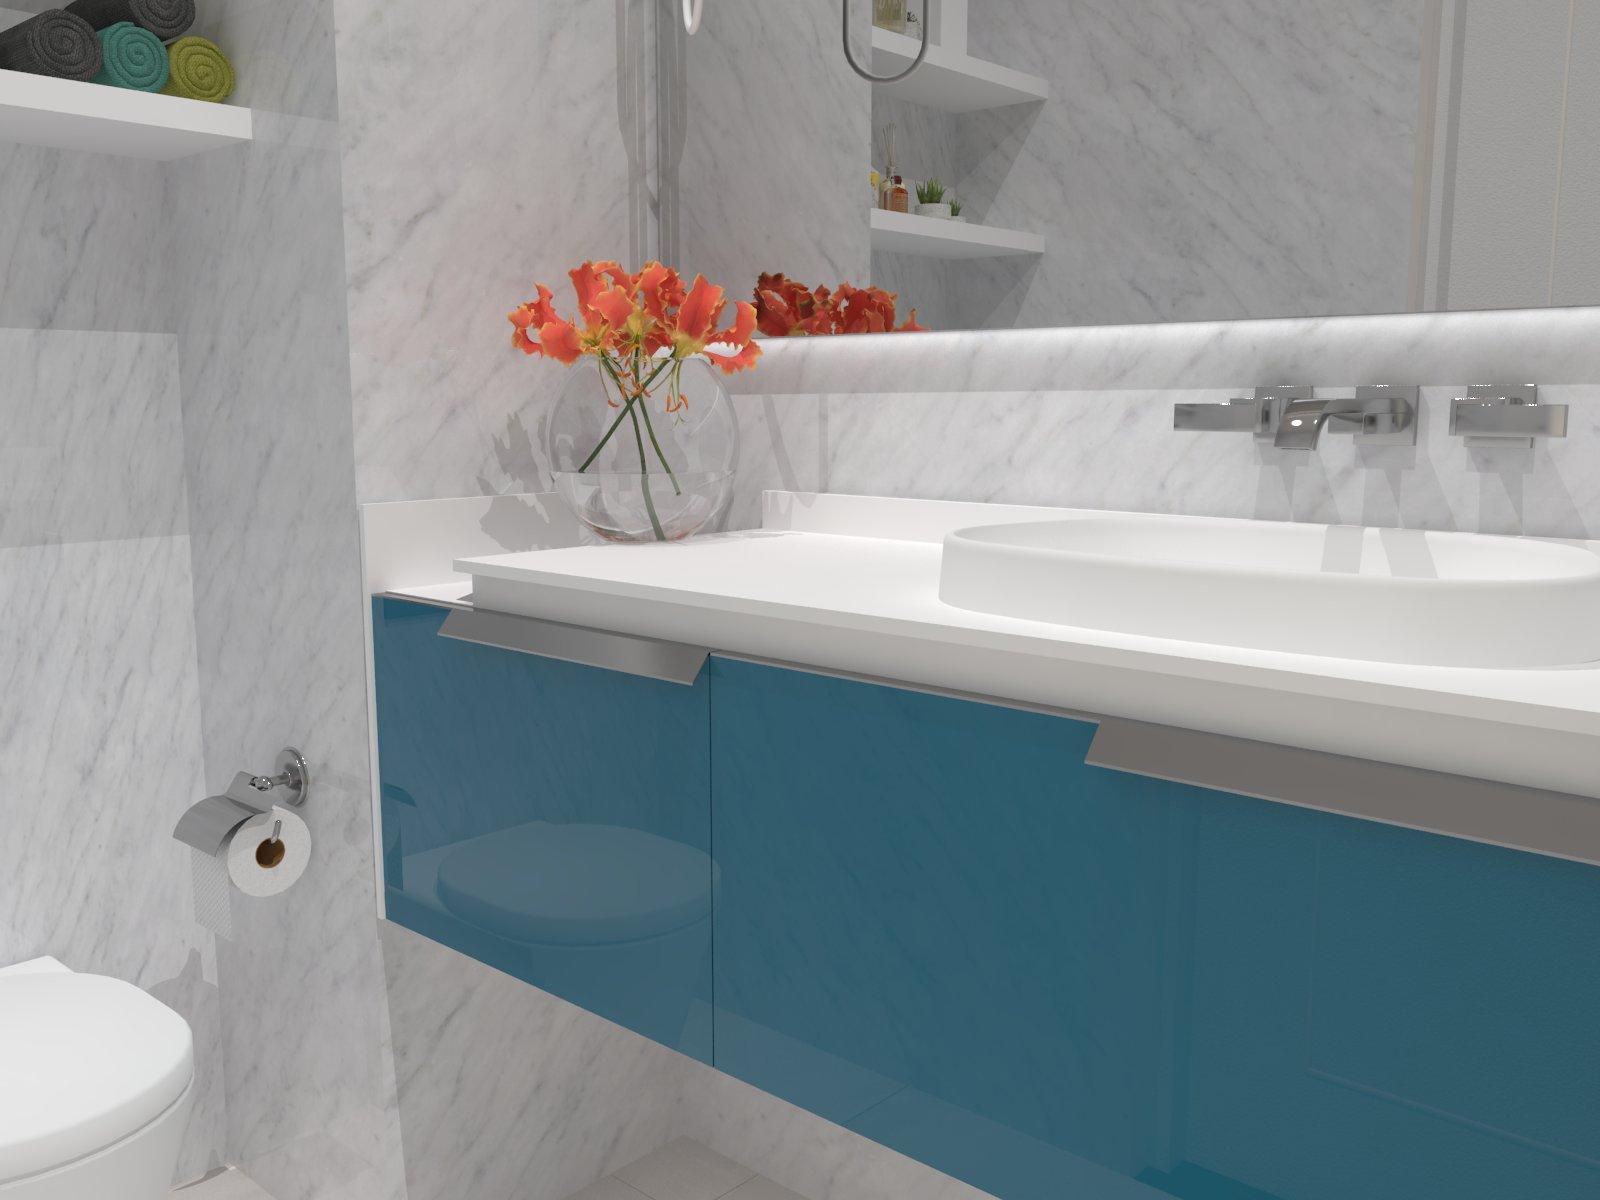 Piso en Barcelona - eixample. Terraza.3 bedrooms. For sale: 855.000 €.